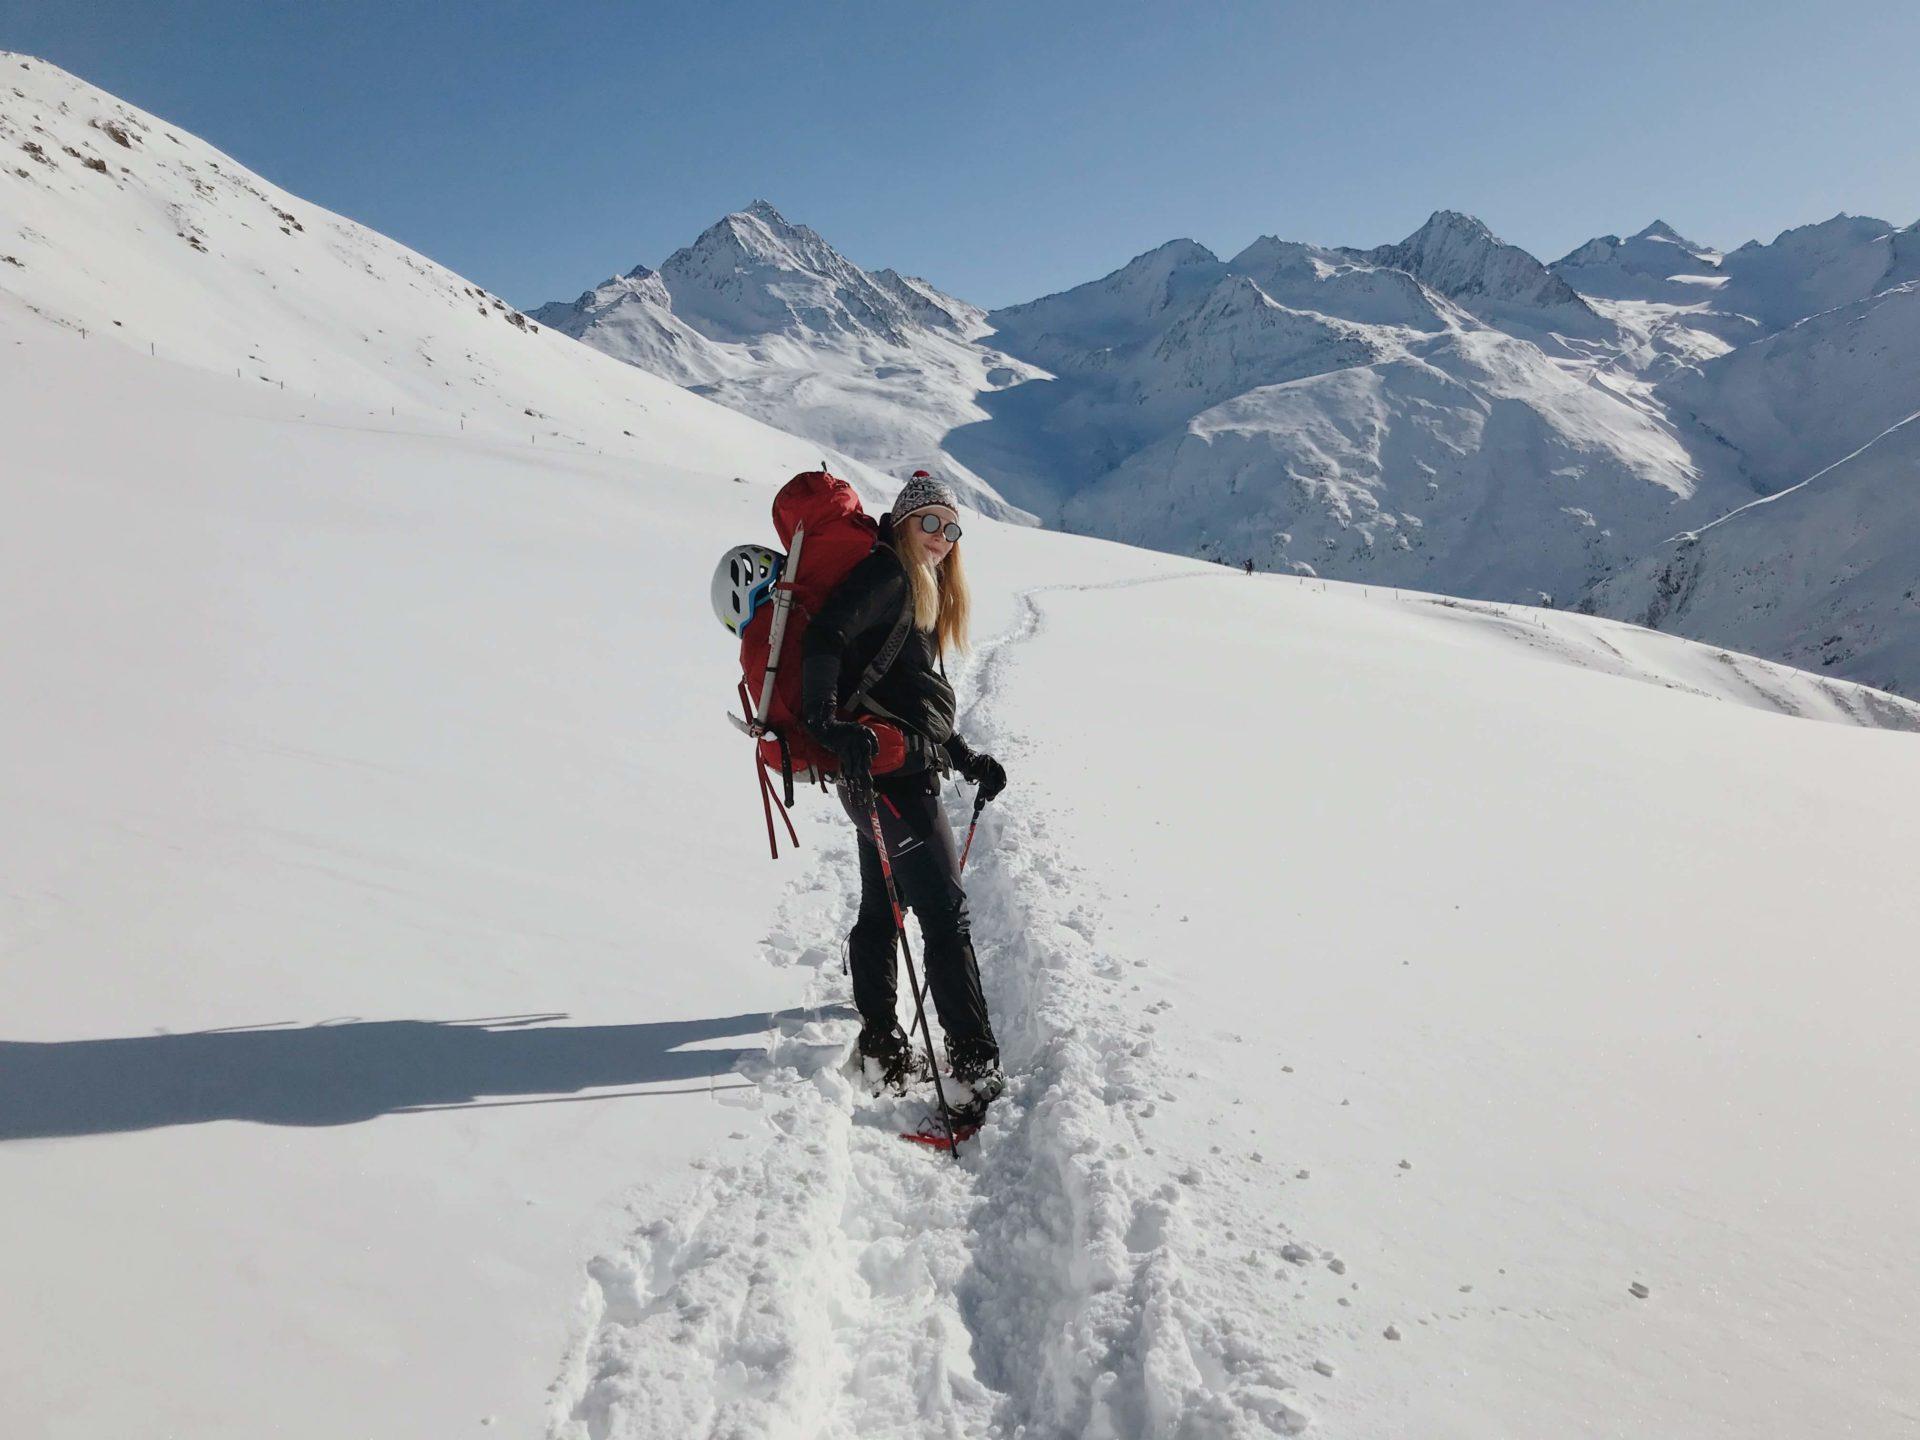 wildspitze, sníh, hory, zima, vysokohorská turistika, alpinismus